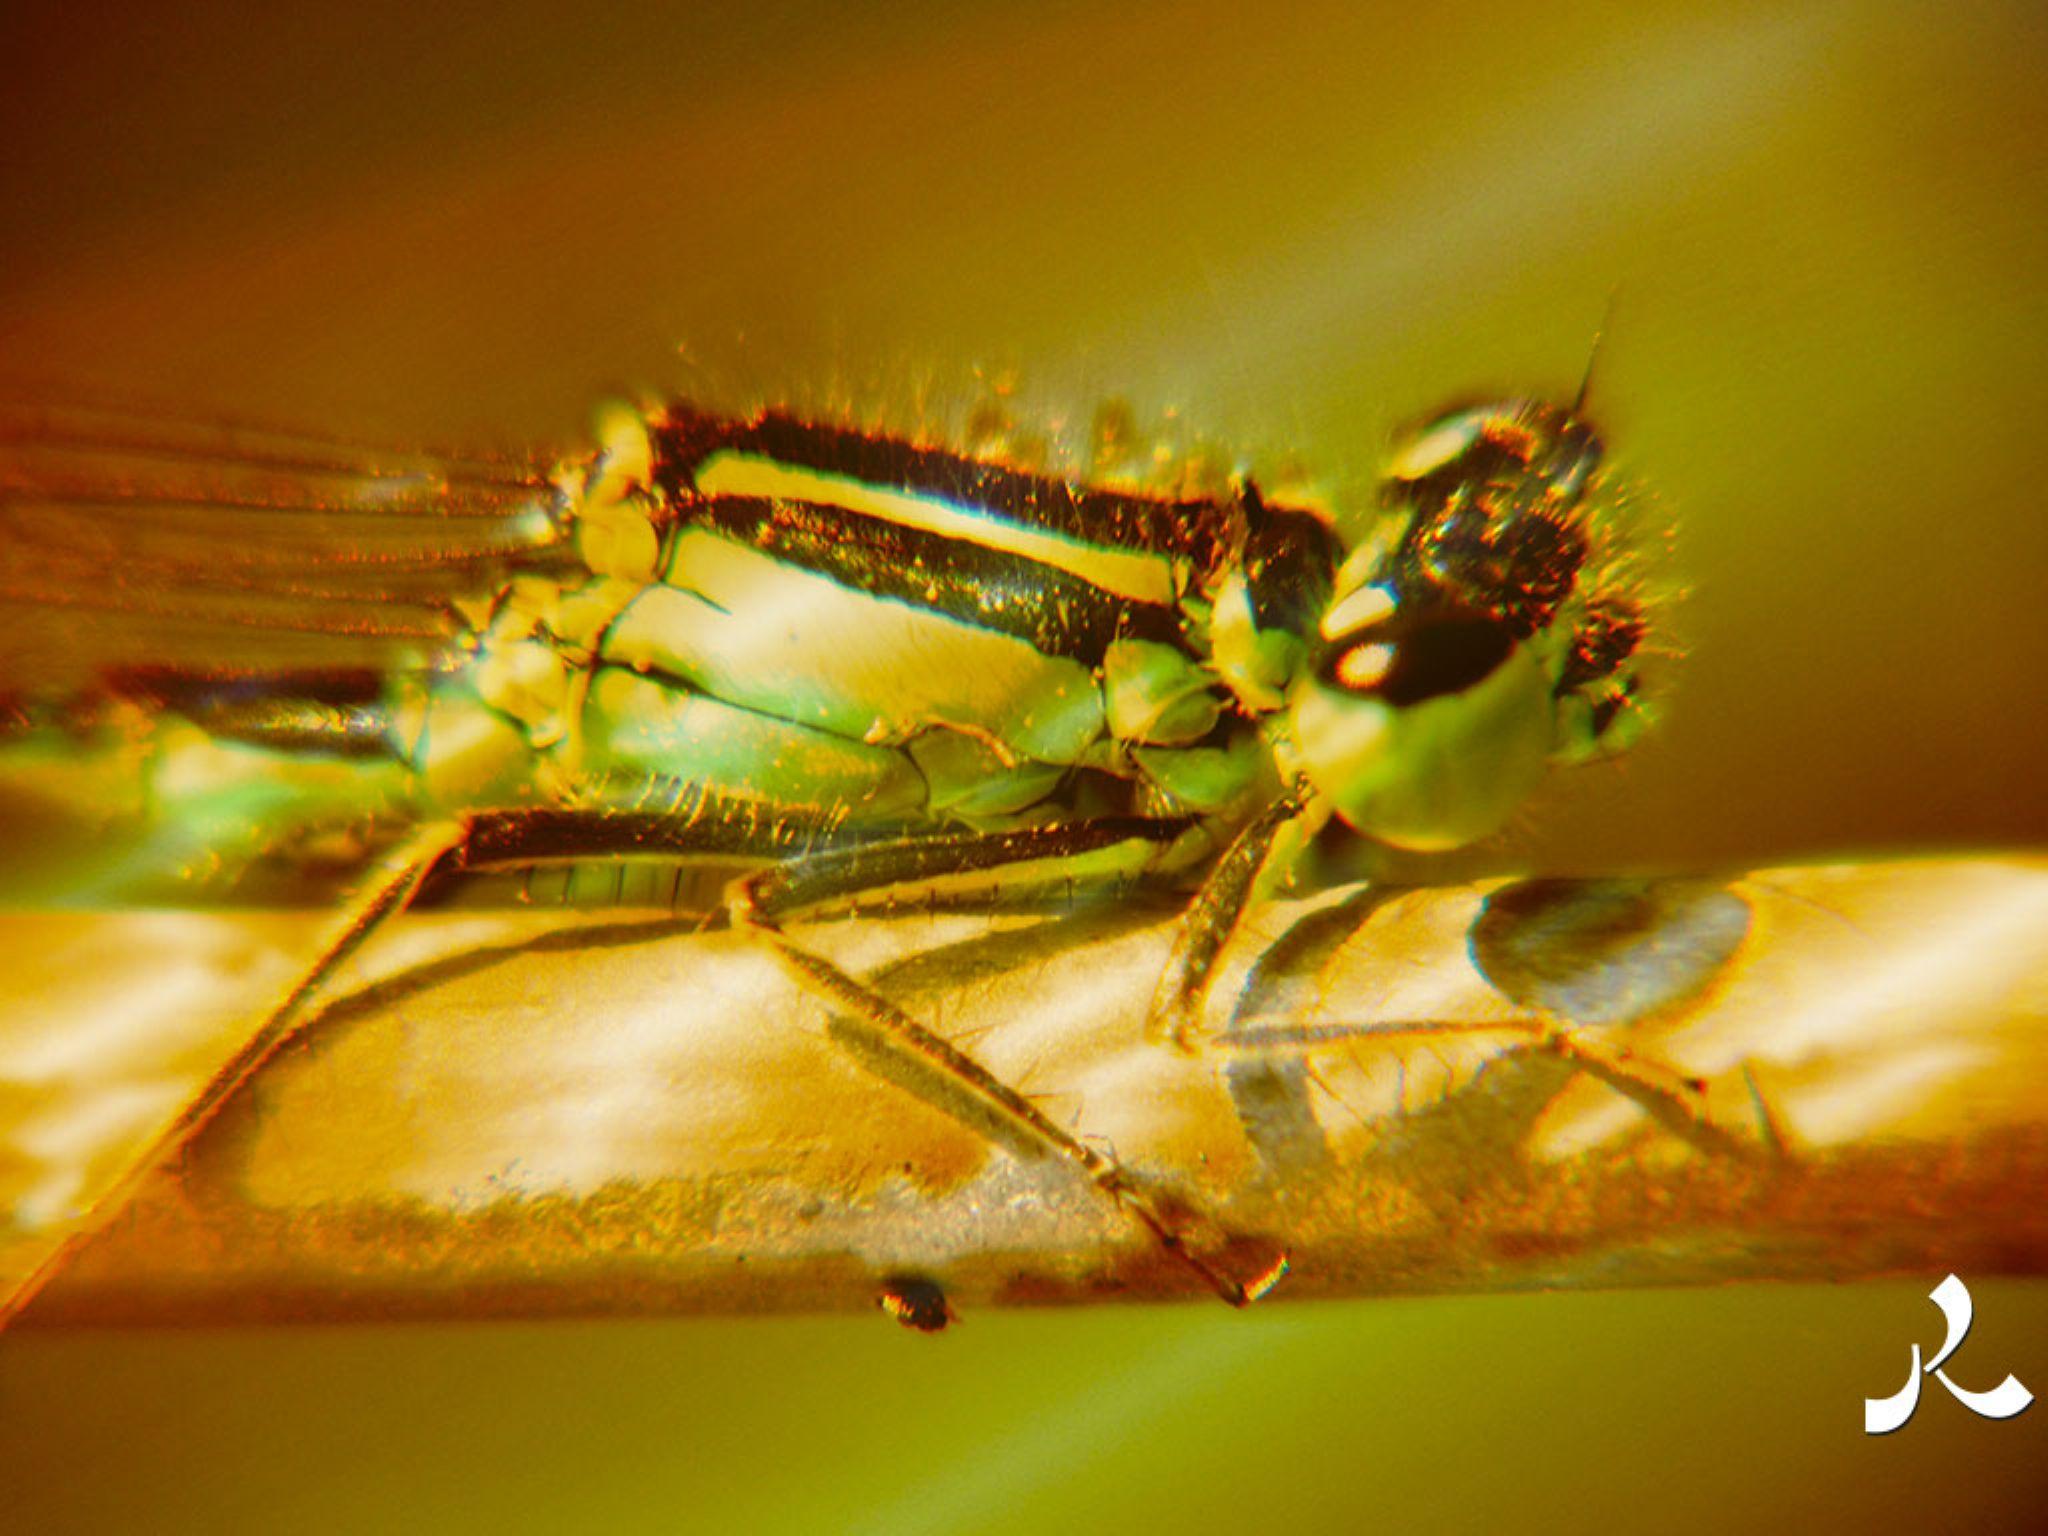 dragonfly145-15iwor by Raffin